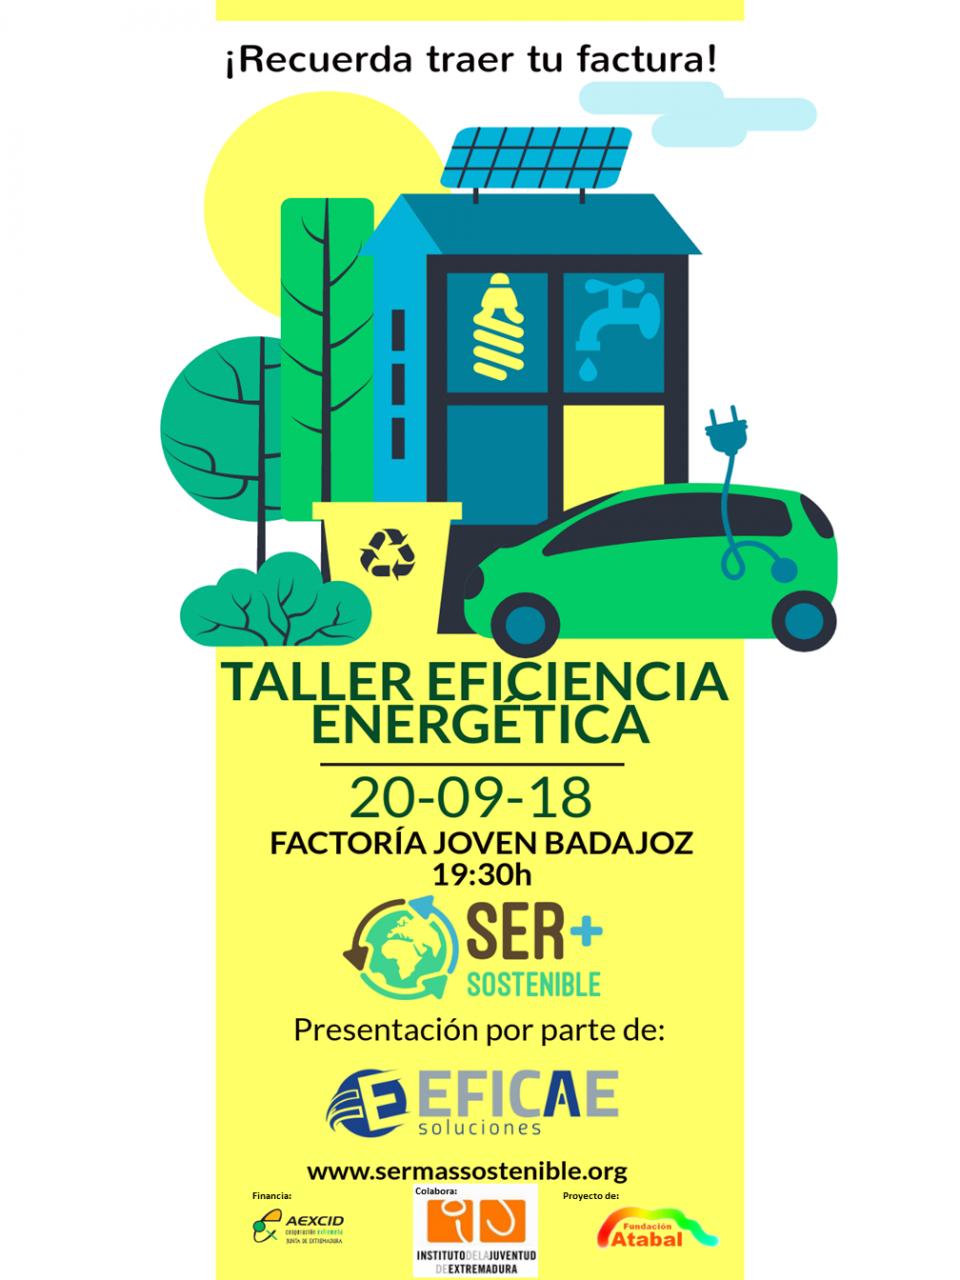 http://sermassostenible.org/el-taller-de-eficiencia-energetica-sersostenible-ensenara-como-leer-la-factura-de-la-luz/